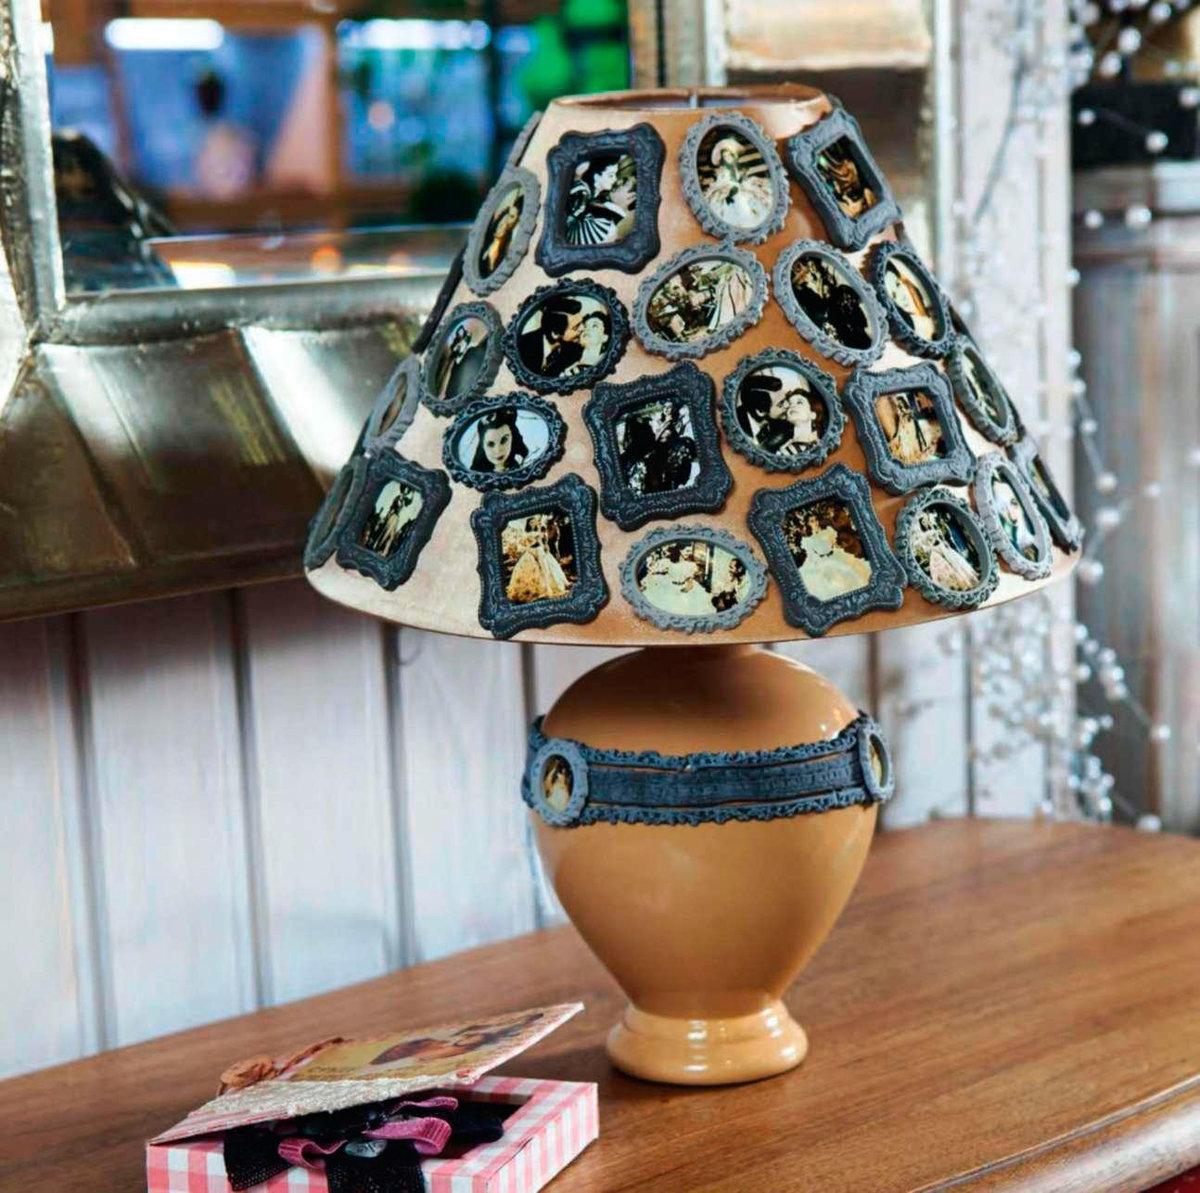 лучших как сделать настольную лампу своими руками фото картинки